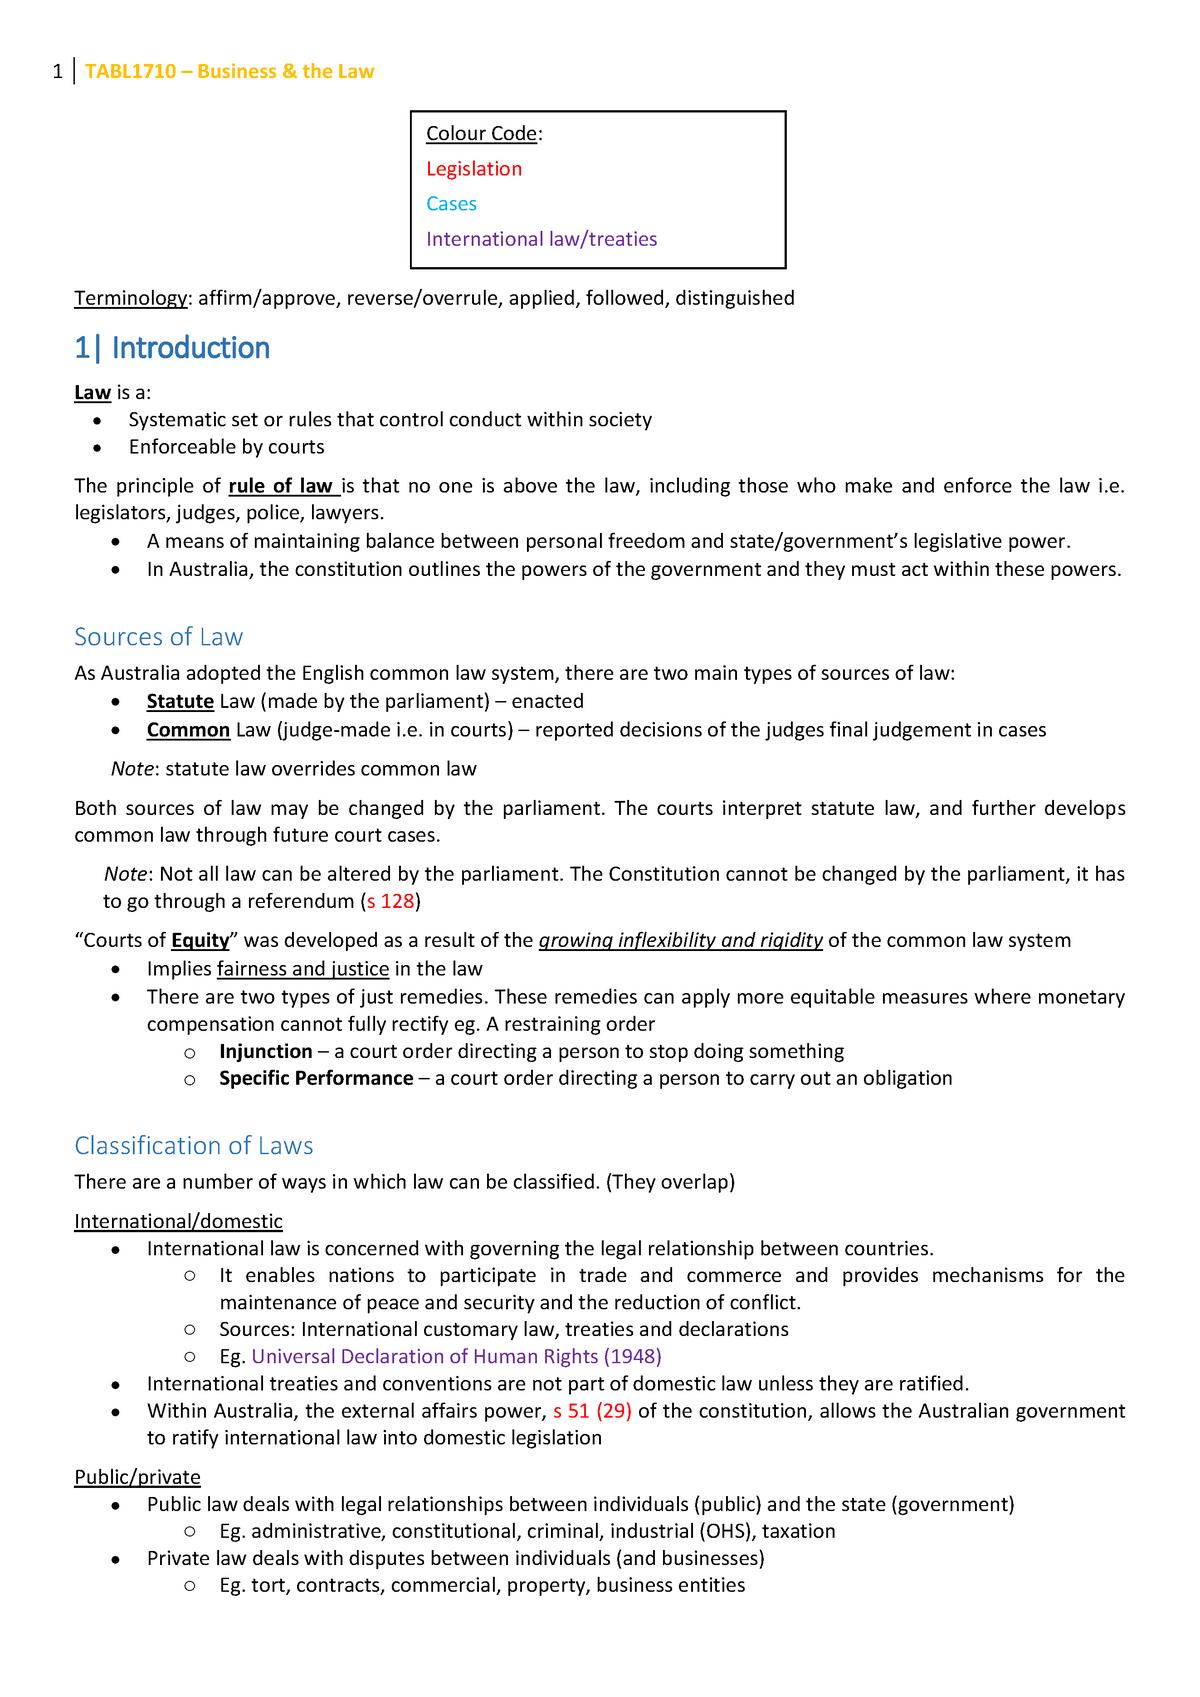 TABL 1710 summary - TABL 1710 - TABL1710 - StuDocu